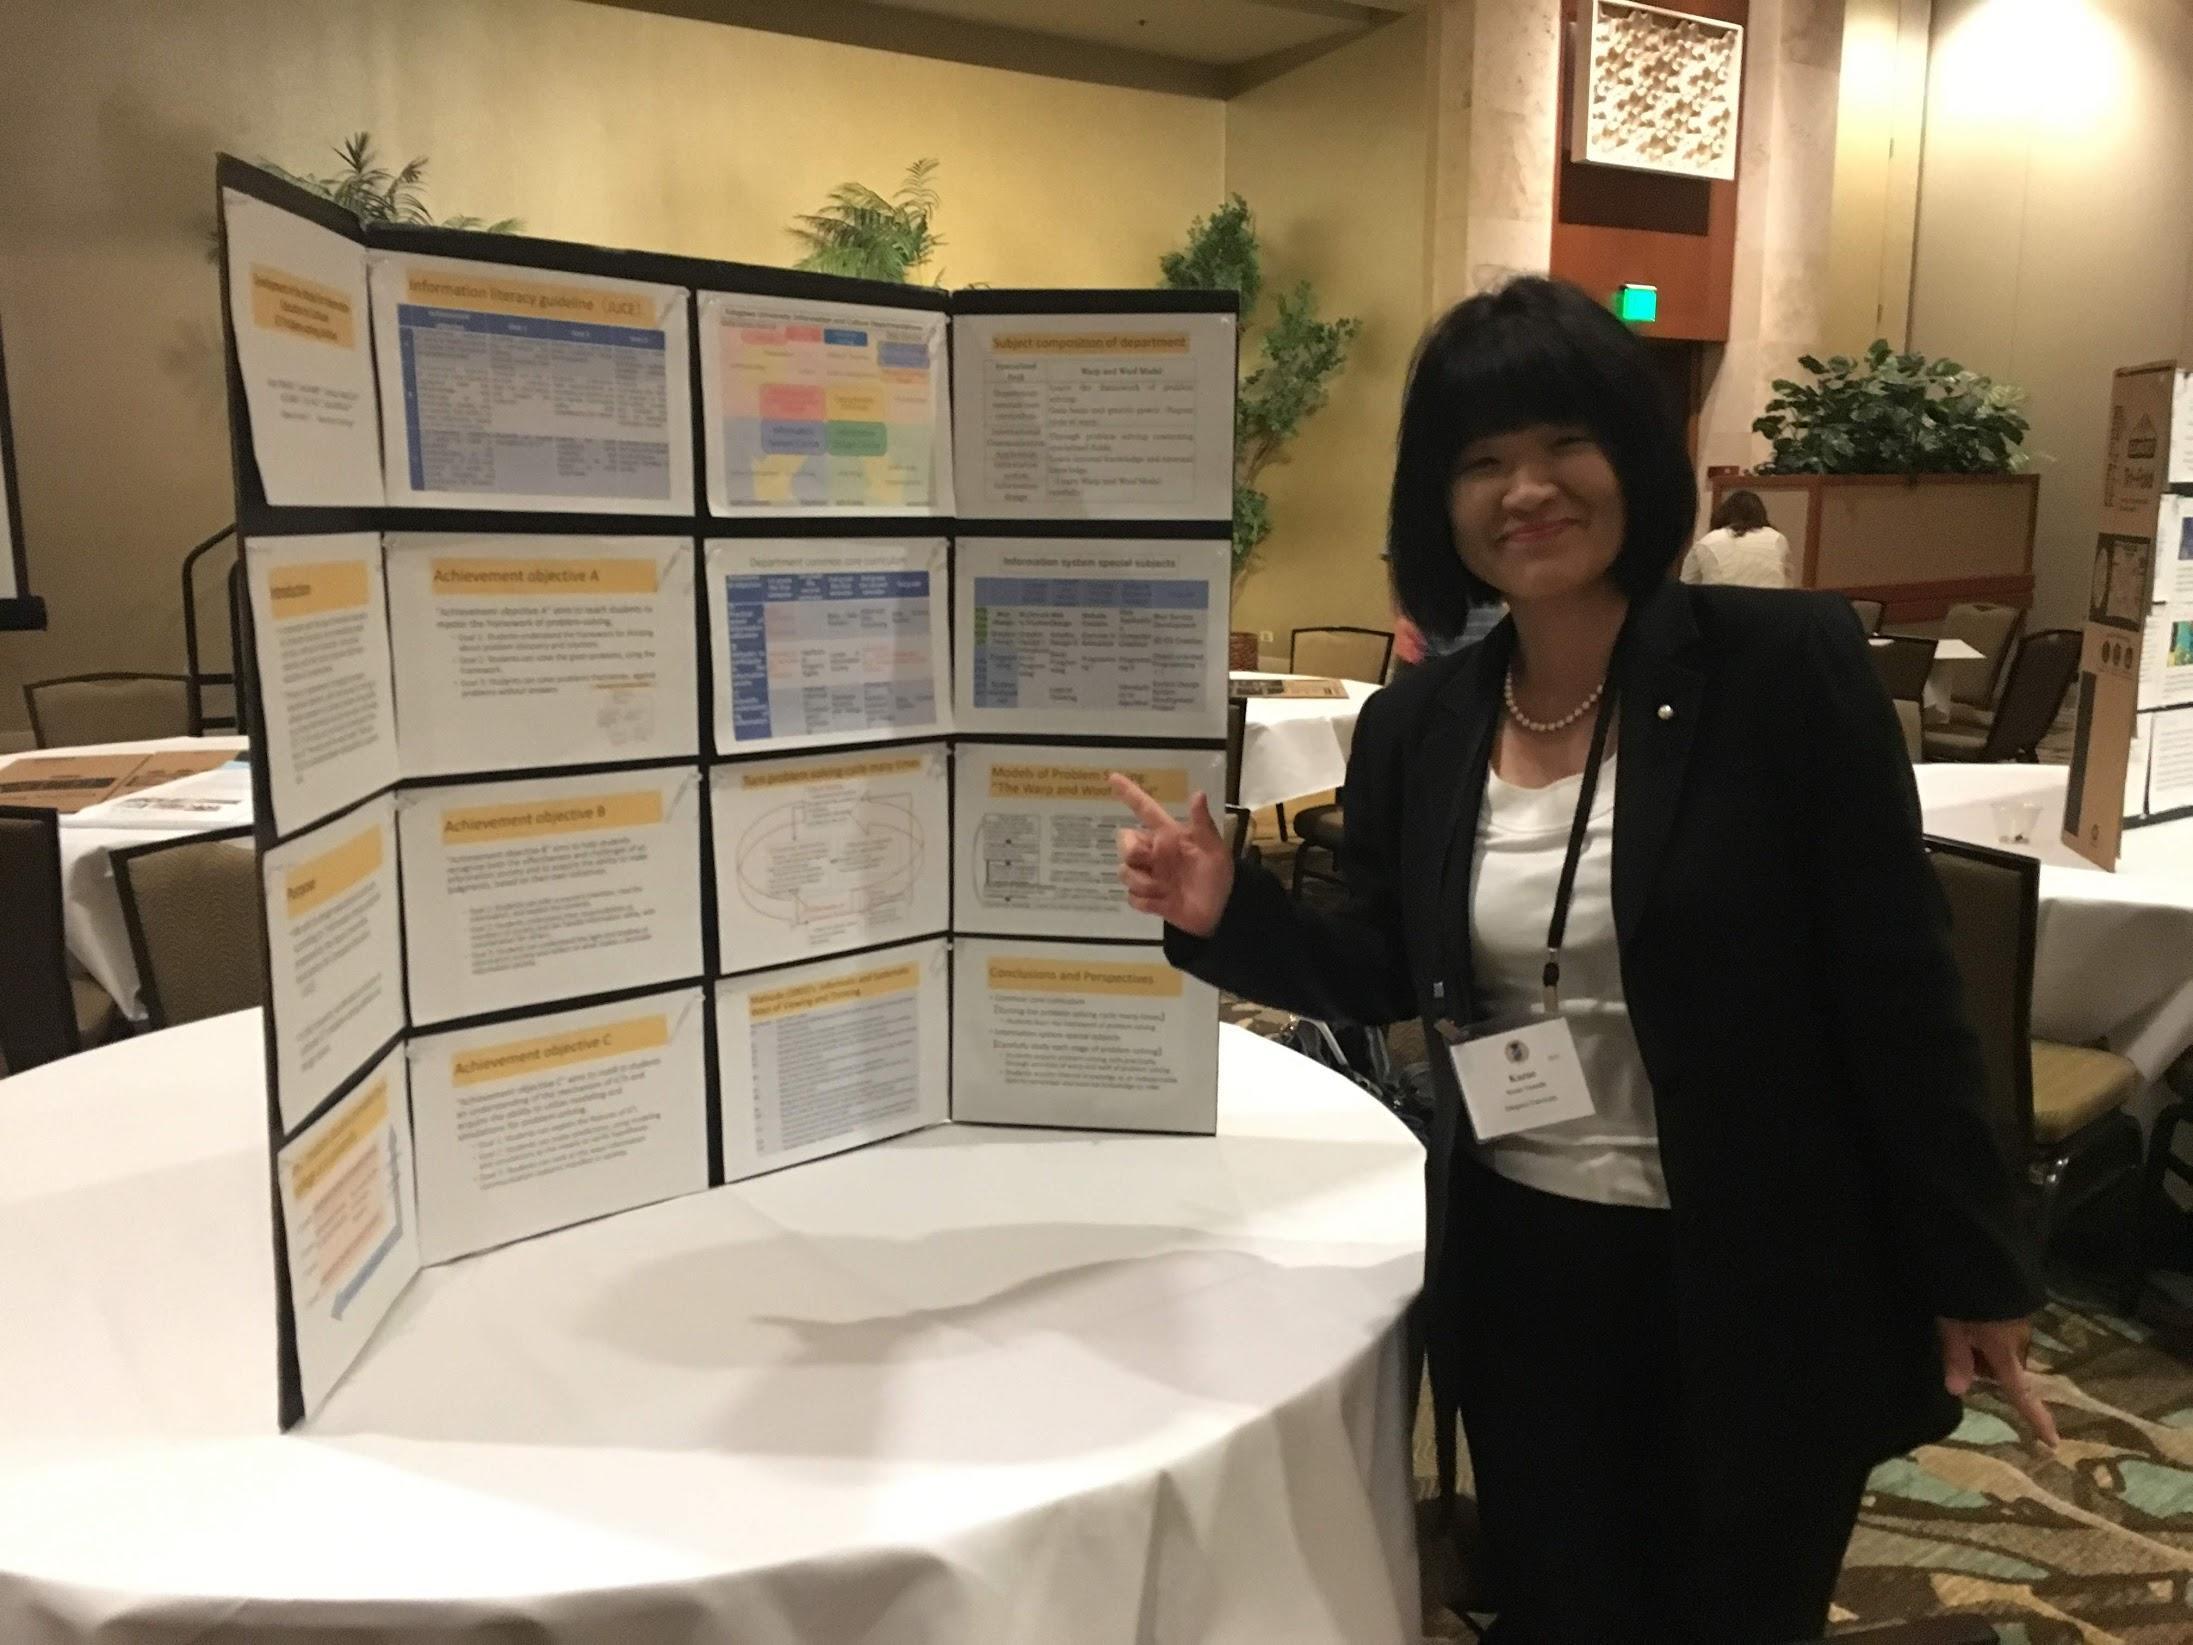 江戸川大学情報教育研究所の教員がハワイ国際教育会議で研究発表